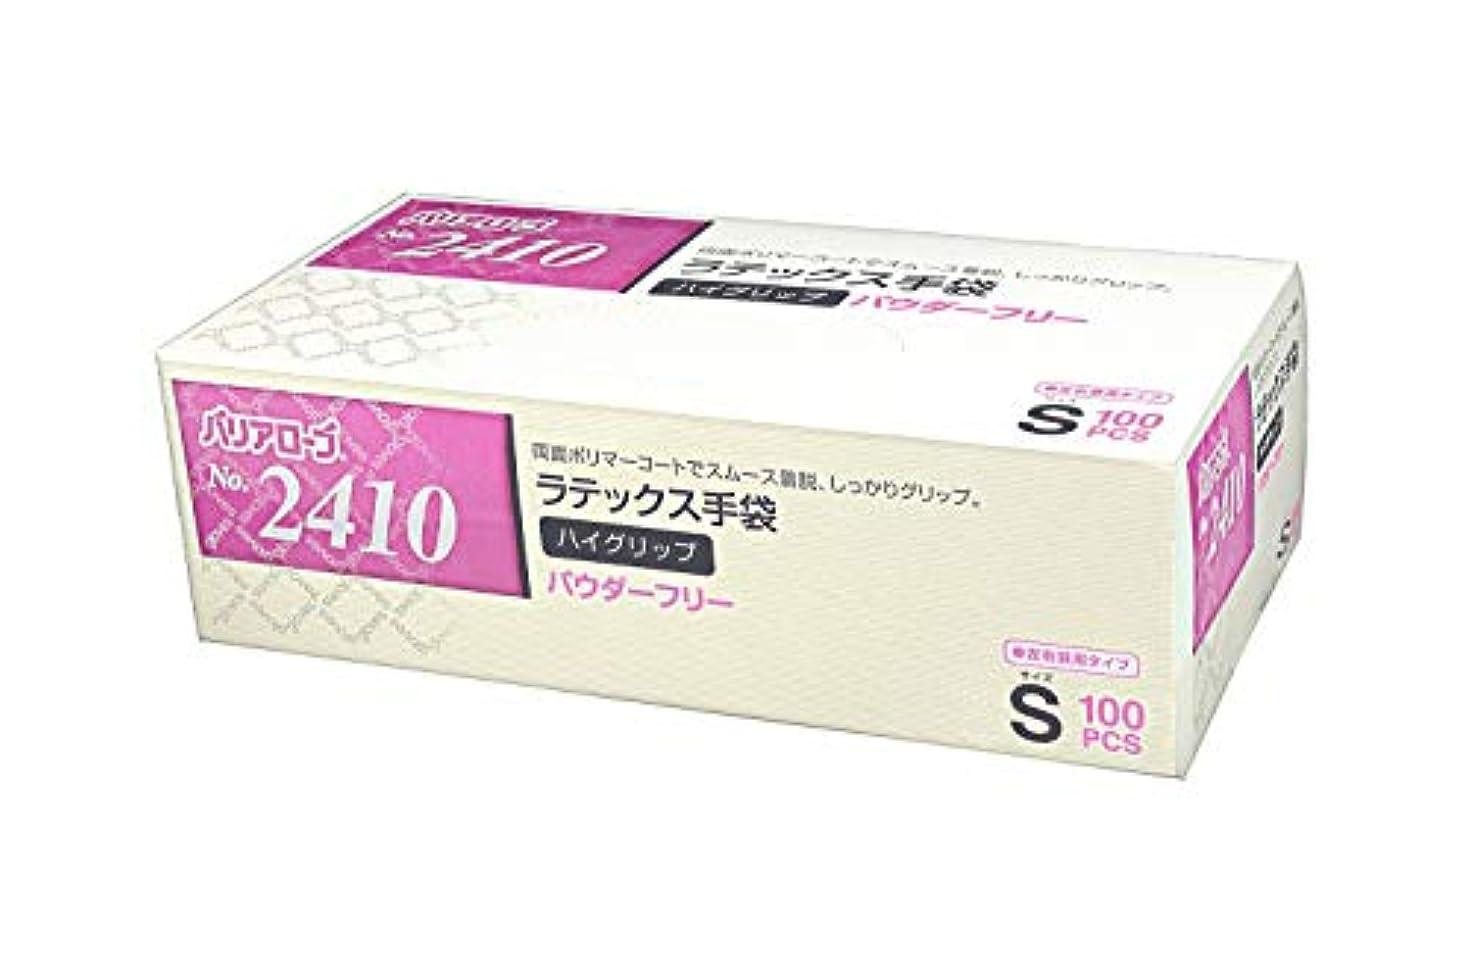 ロードハウス視線好奇心【ケース販売】 バリアローブ №2410 ラテックス手袋 ハイグリップ (パウダーフリー) S 2000枚(100枚×20箱)